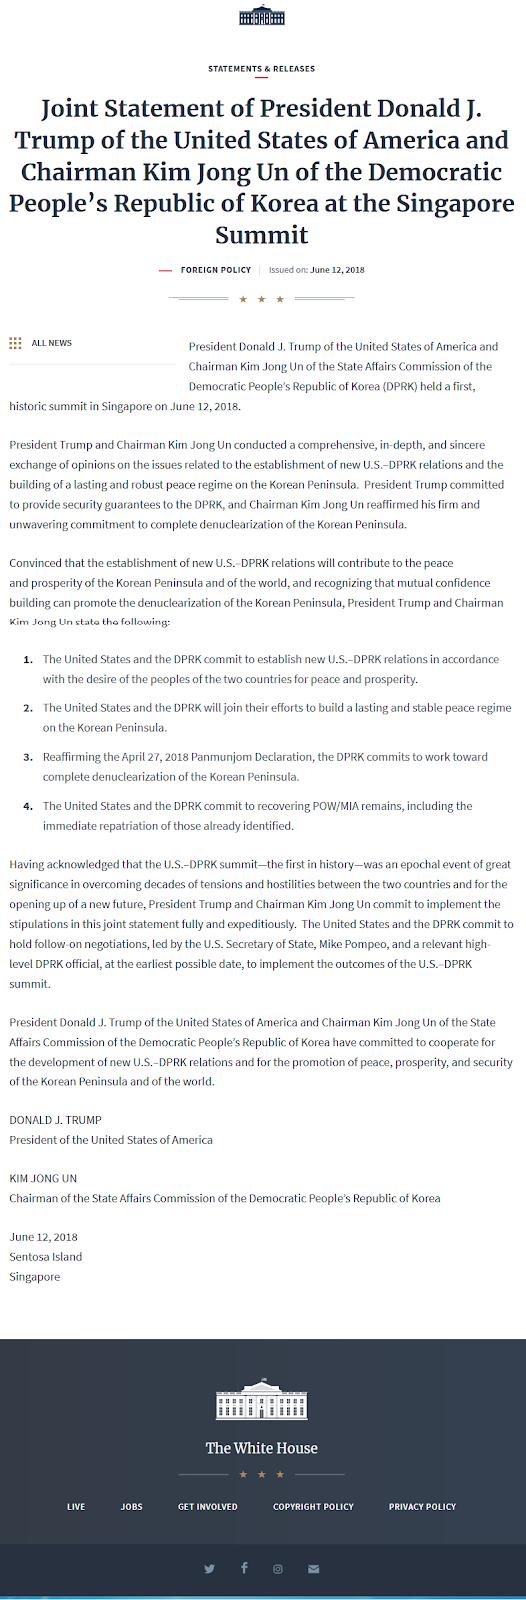 조-미 싱가포르수뇌회담 공동성명 Joint Statement of DPRK - US at the Singapore Summit - 2018년 6월 12일 싱가폴 센토사섬